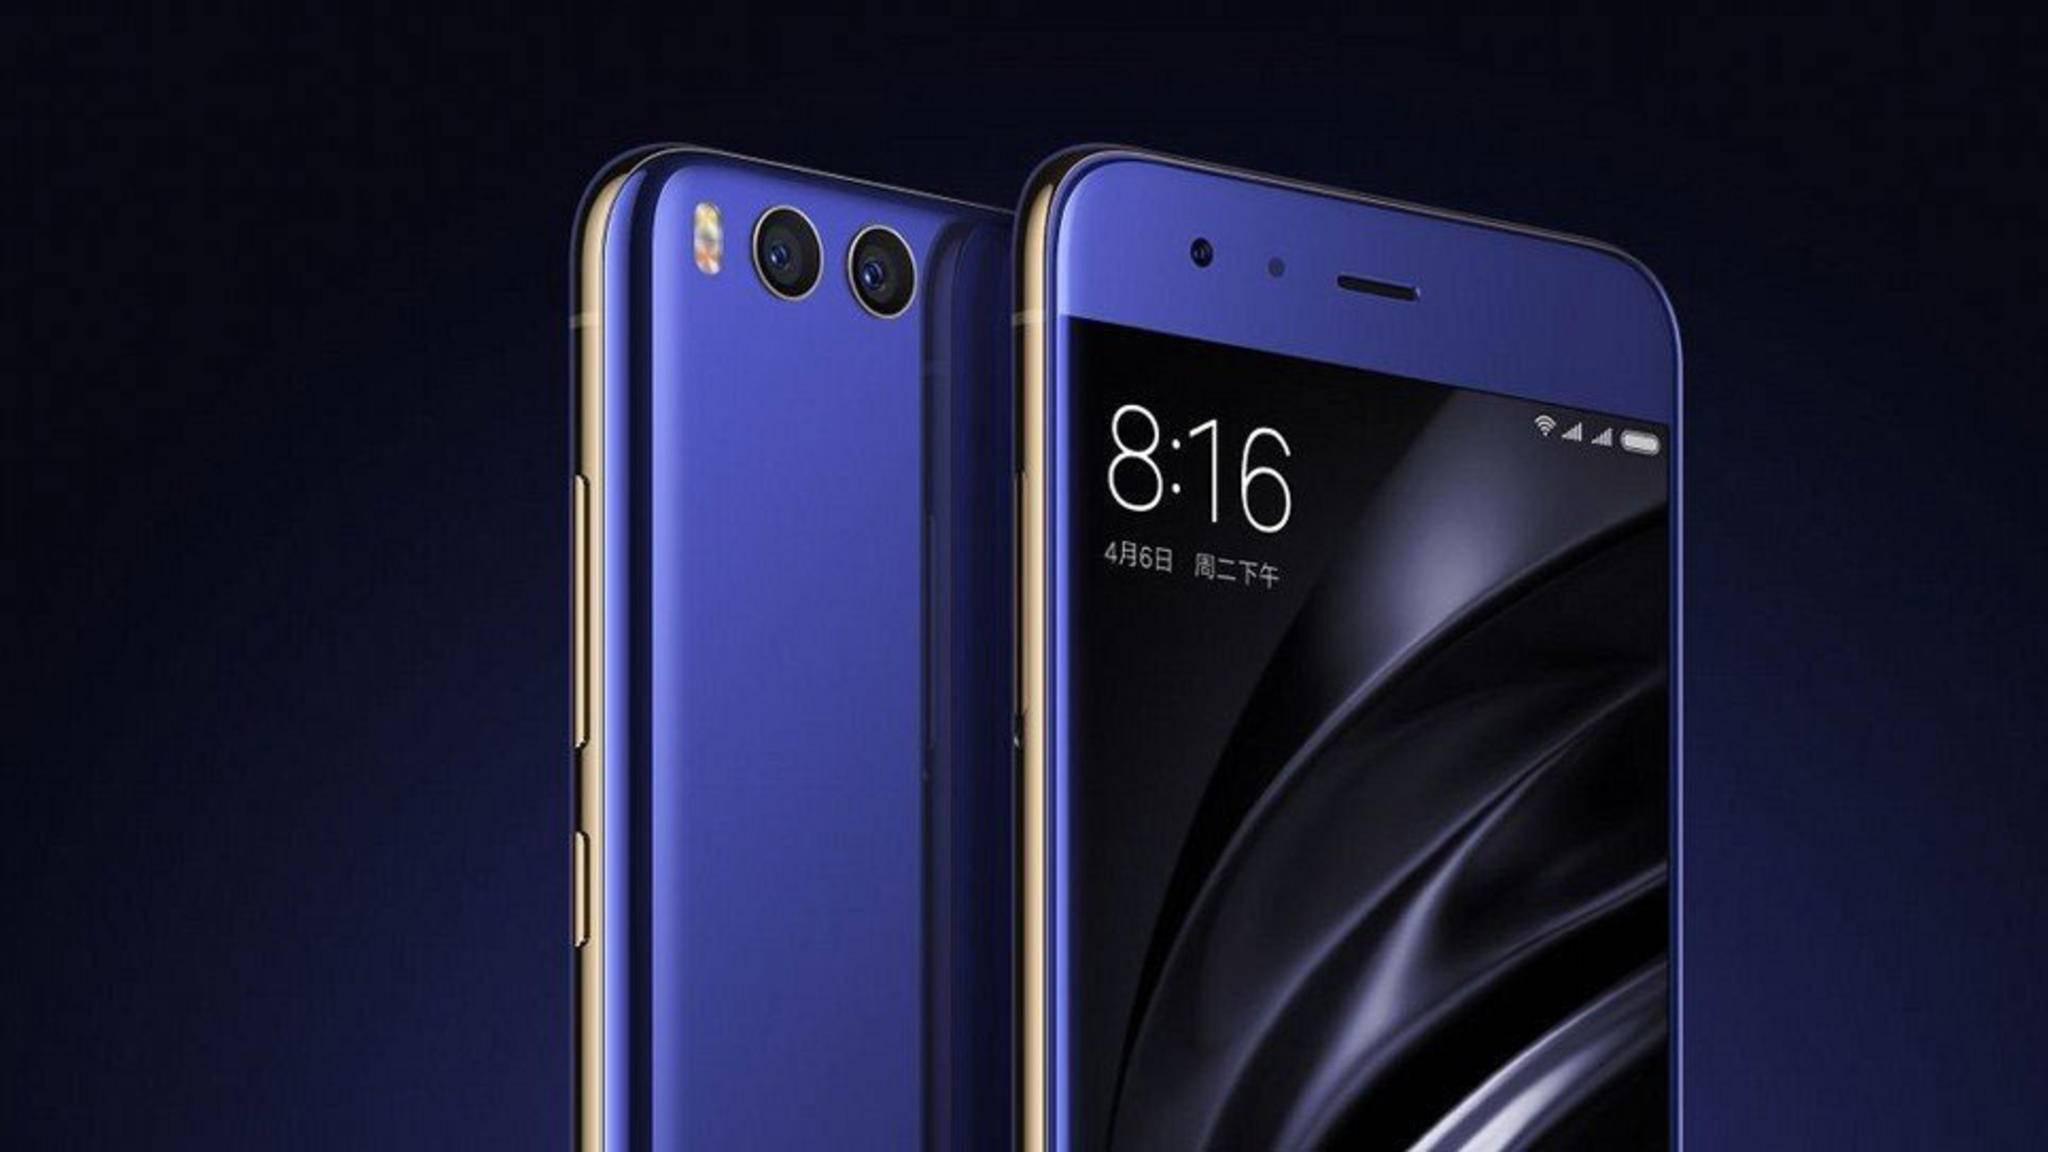 Abgerundete Ecken, edler Metallrahmen und 5,15-Zoll-Bildschirm: Xiaomi hat sein neues Top-Modell Mi 6 enthüllt.